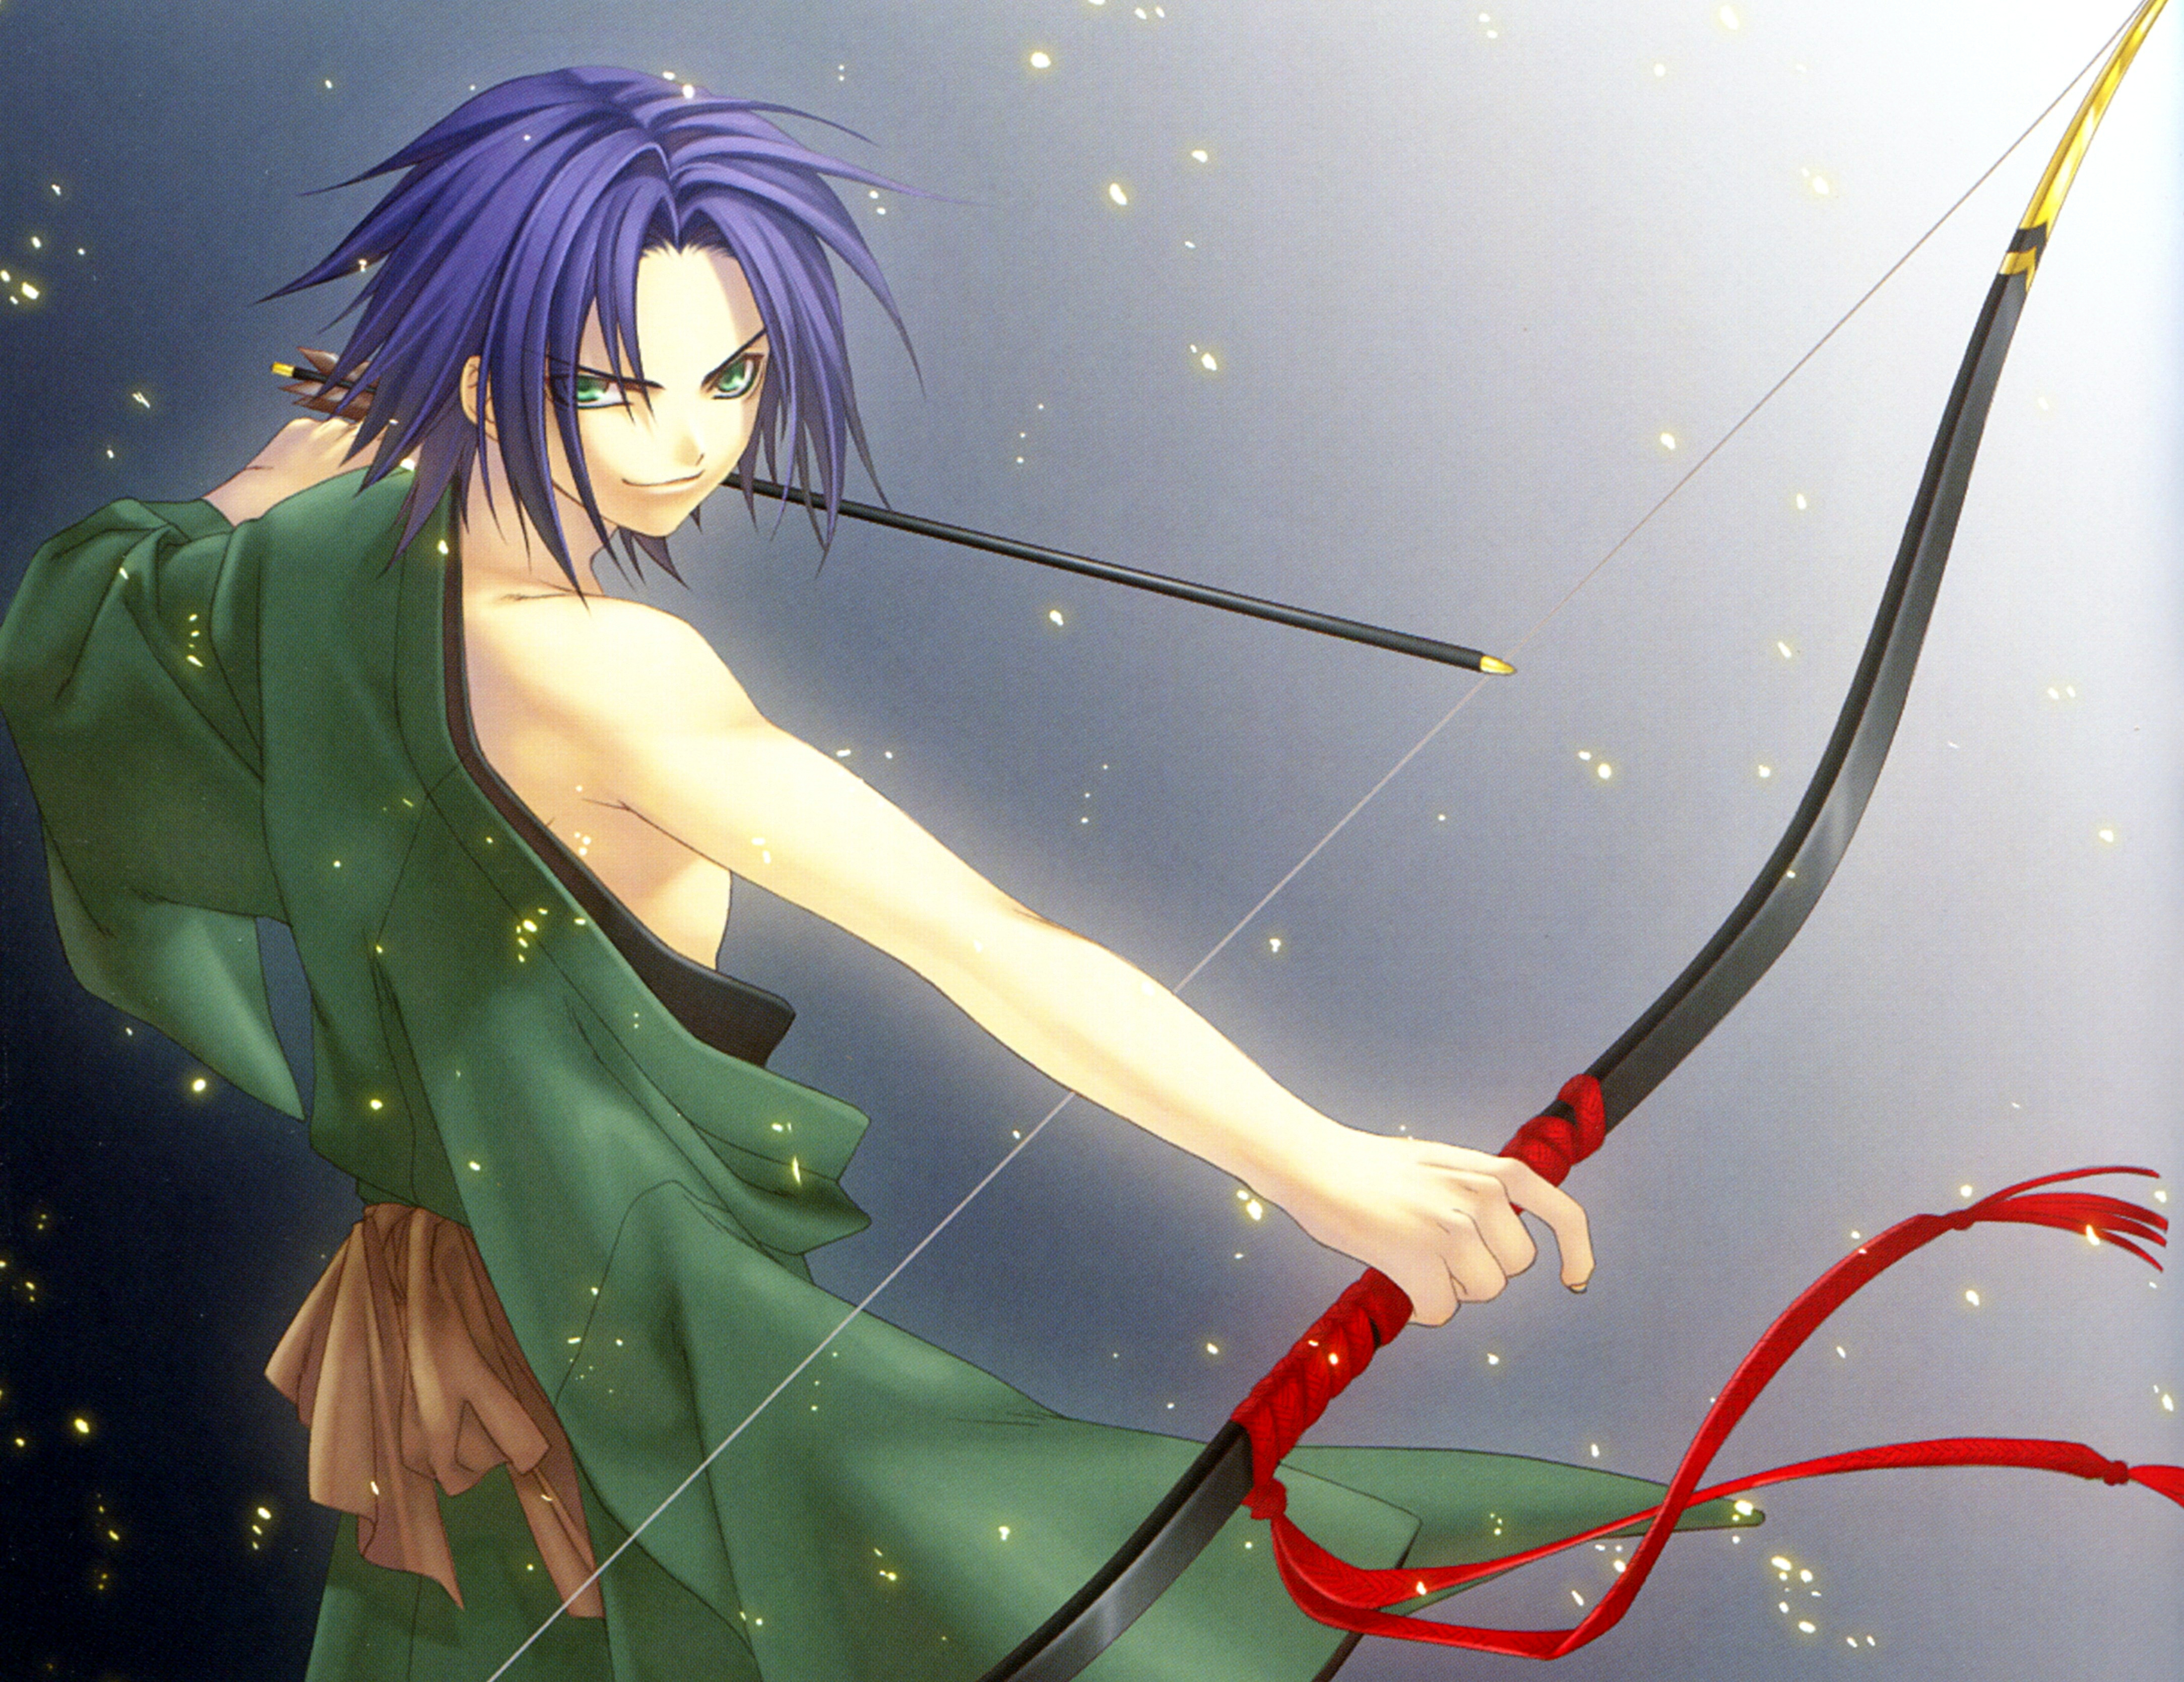 Atori Mahiro - Hiiro no Kakera - Zerochan Anime Image Board